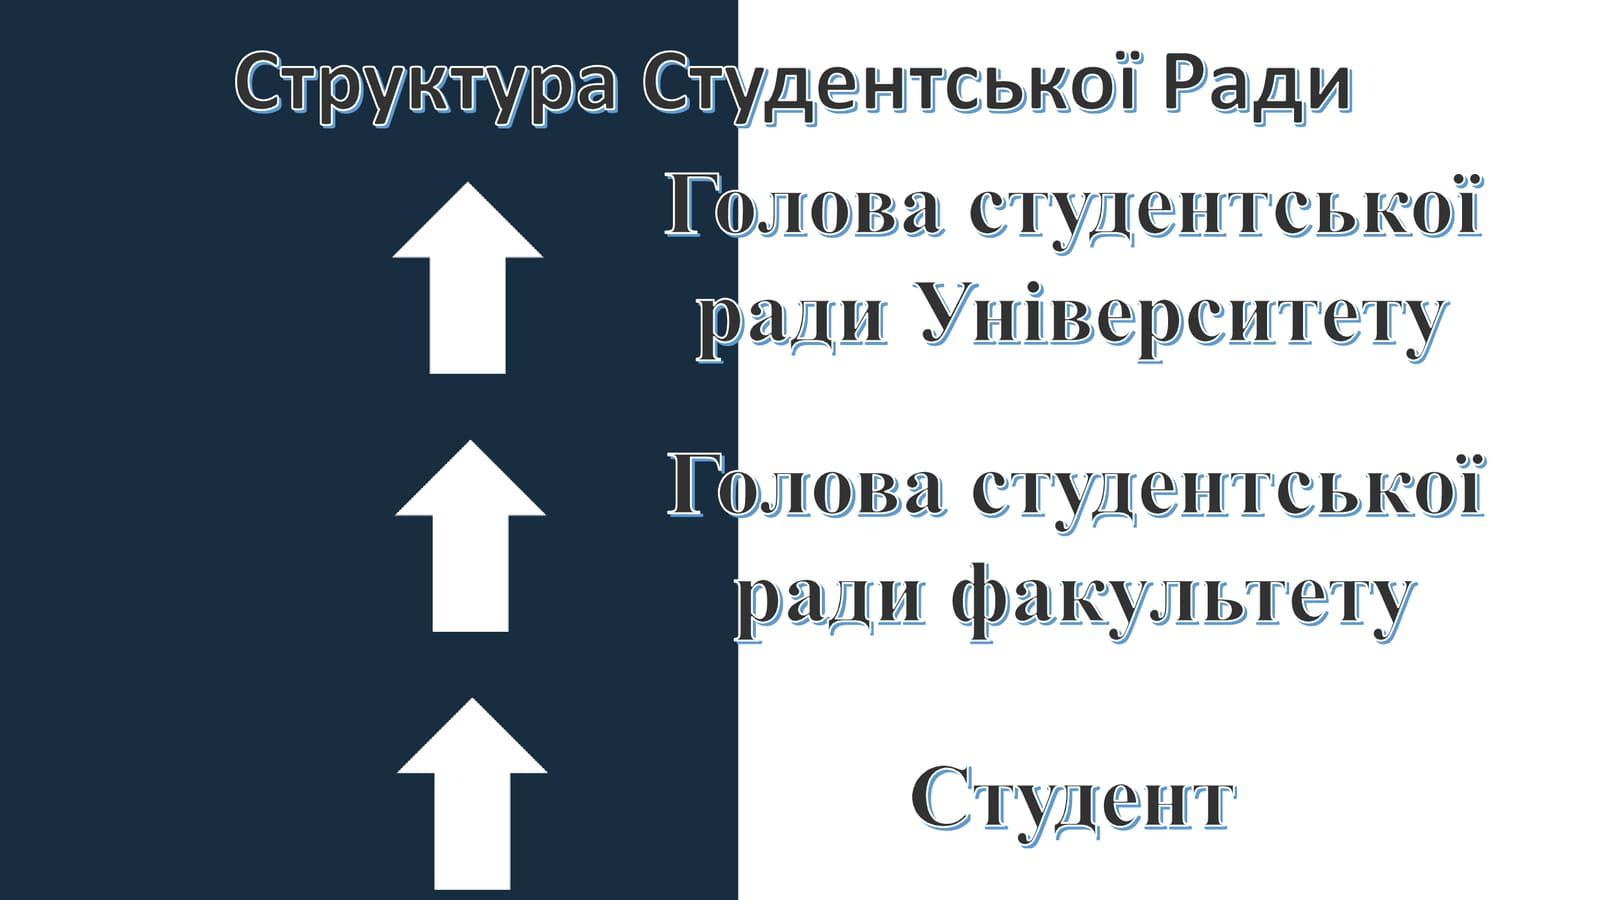 7c0445d5e4c698de938315c7258097cc-11